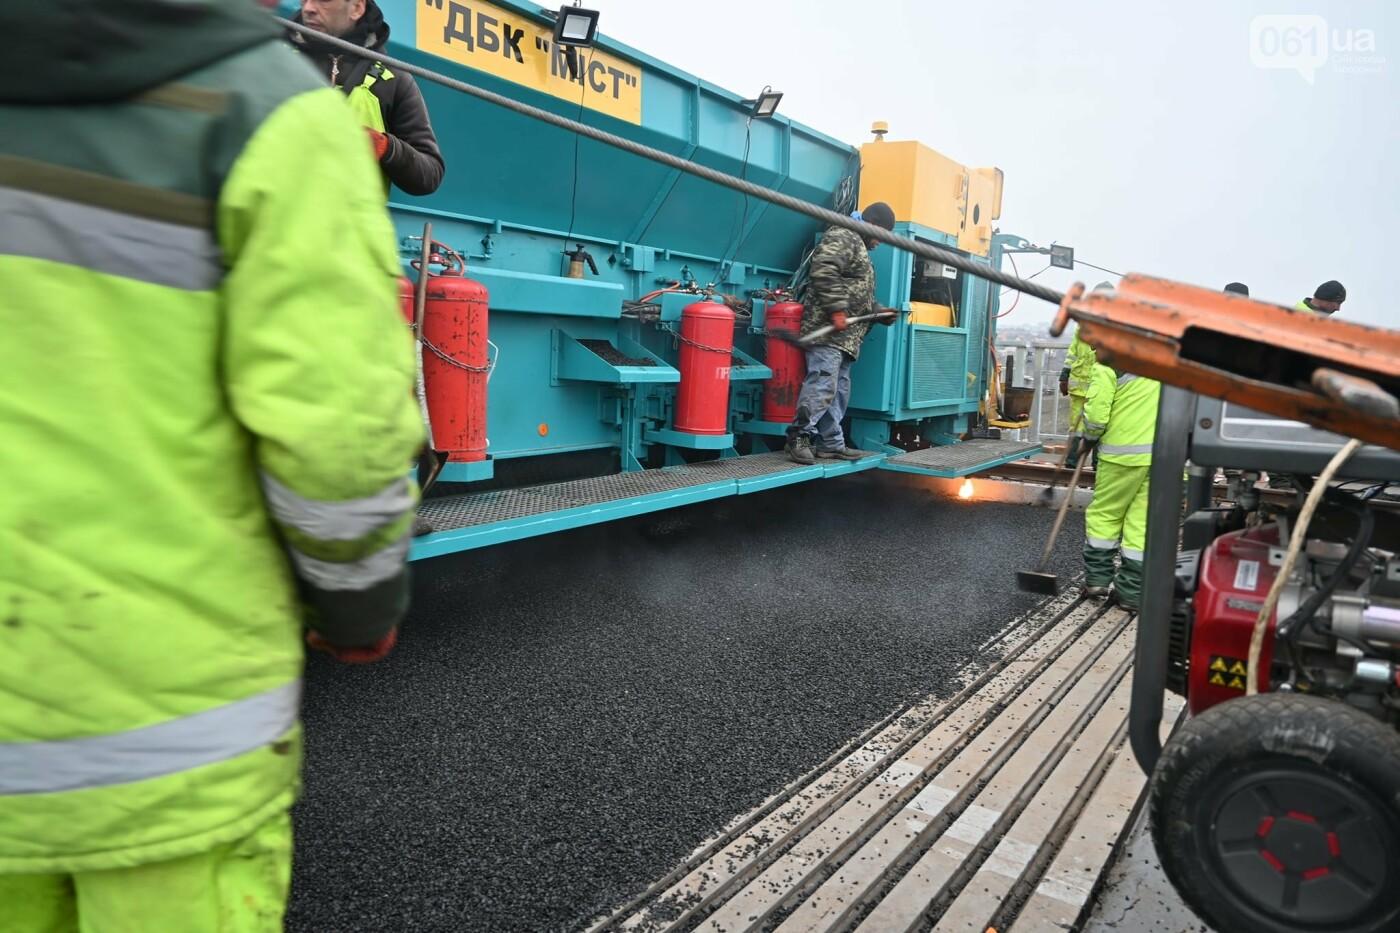 В Службе автодорог показали технологию укладки гусасфальта на строительстве мостов, - ФОТО, ВИДЕО, фото-1